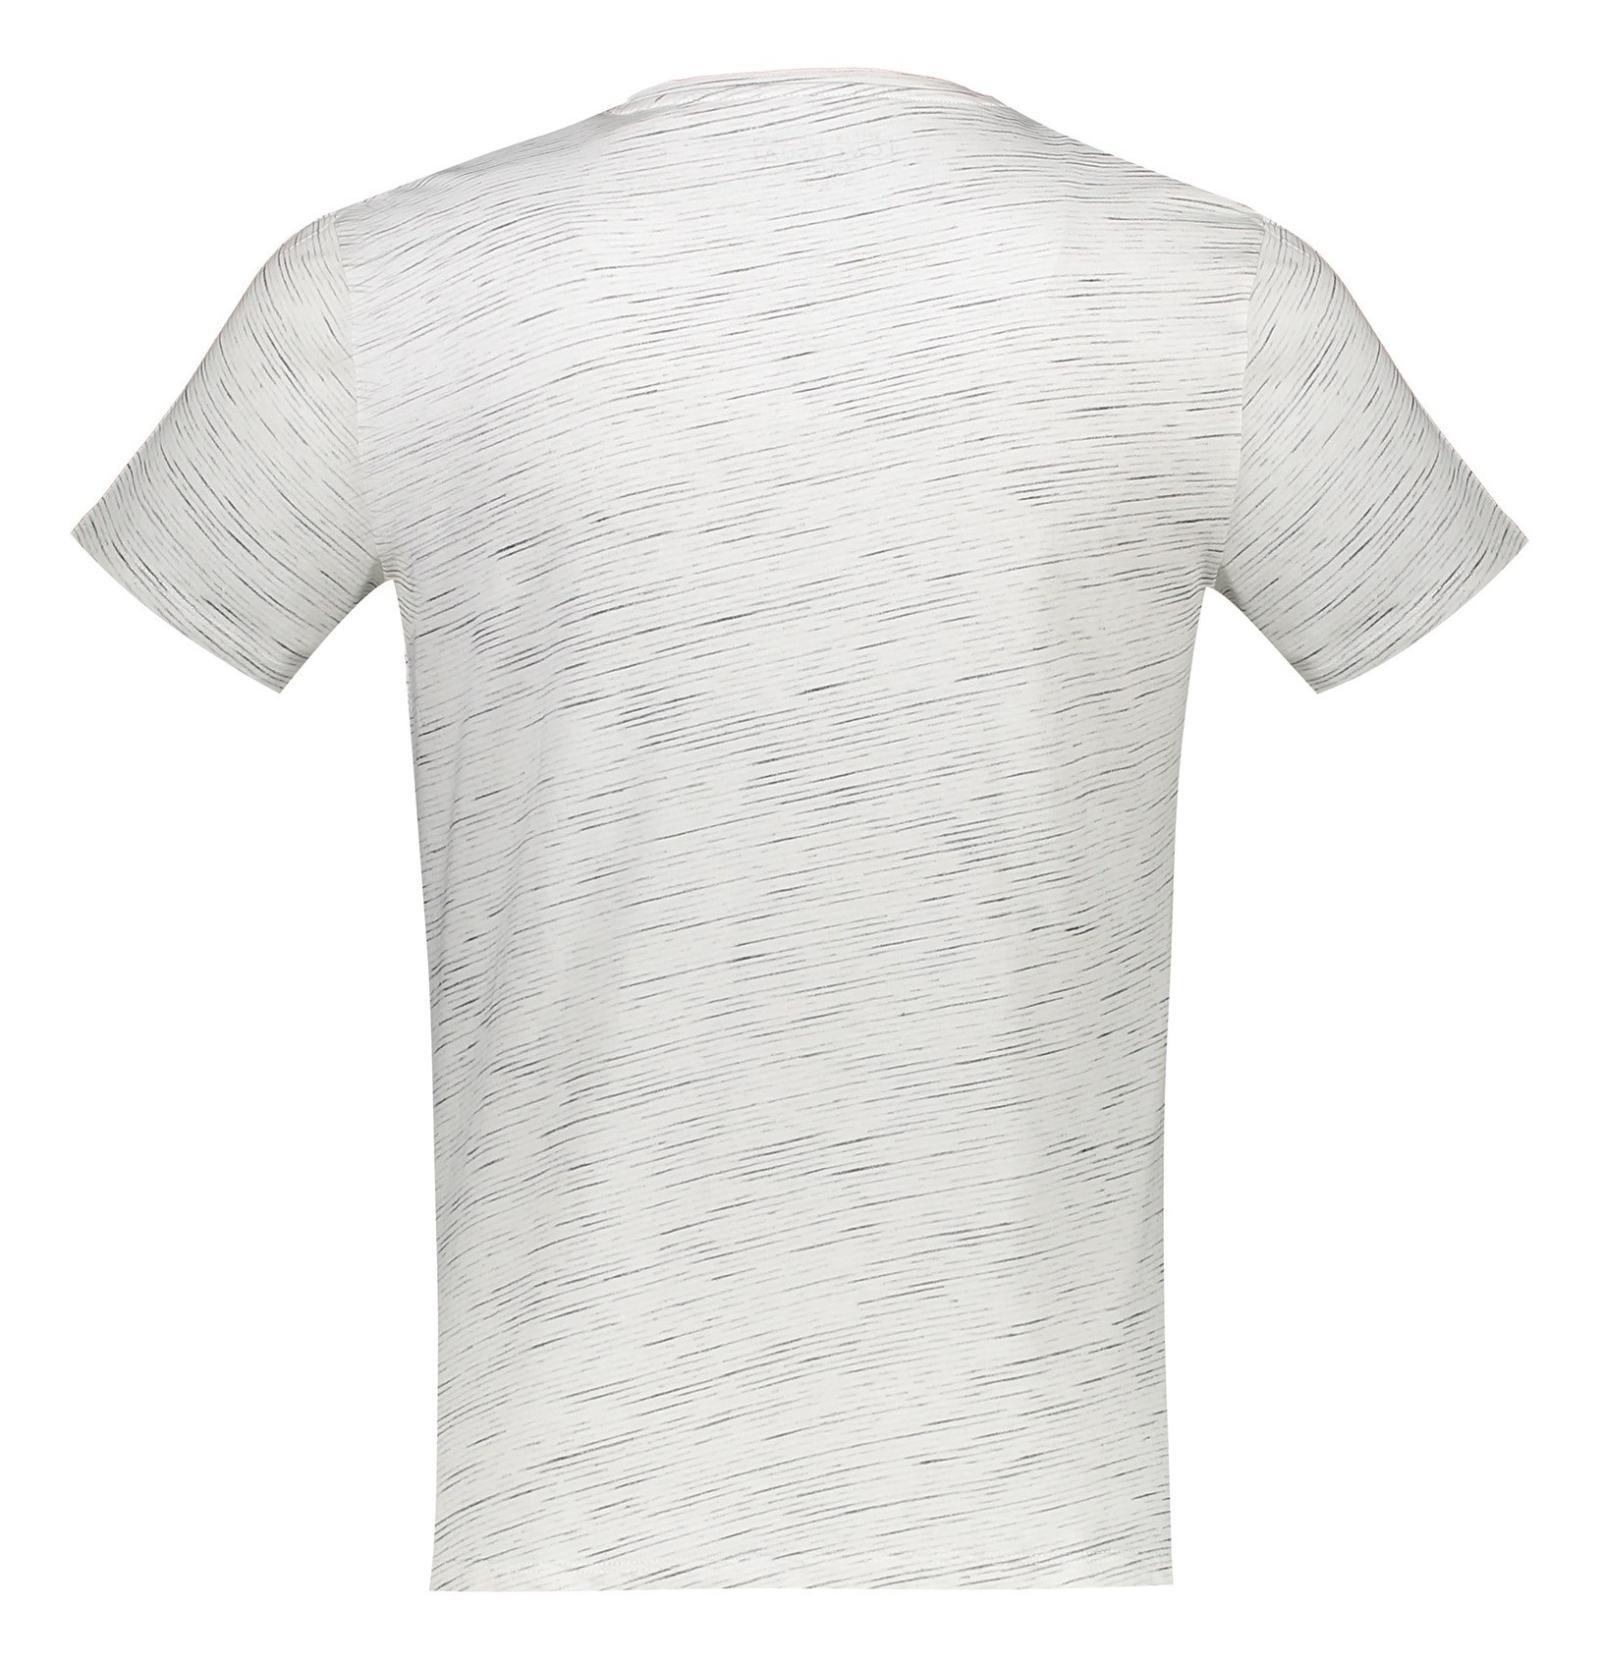 تی شرت نخی مردانه - ال سی وایکیکی - کرم  - 2